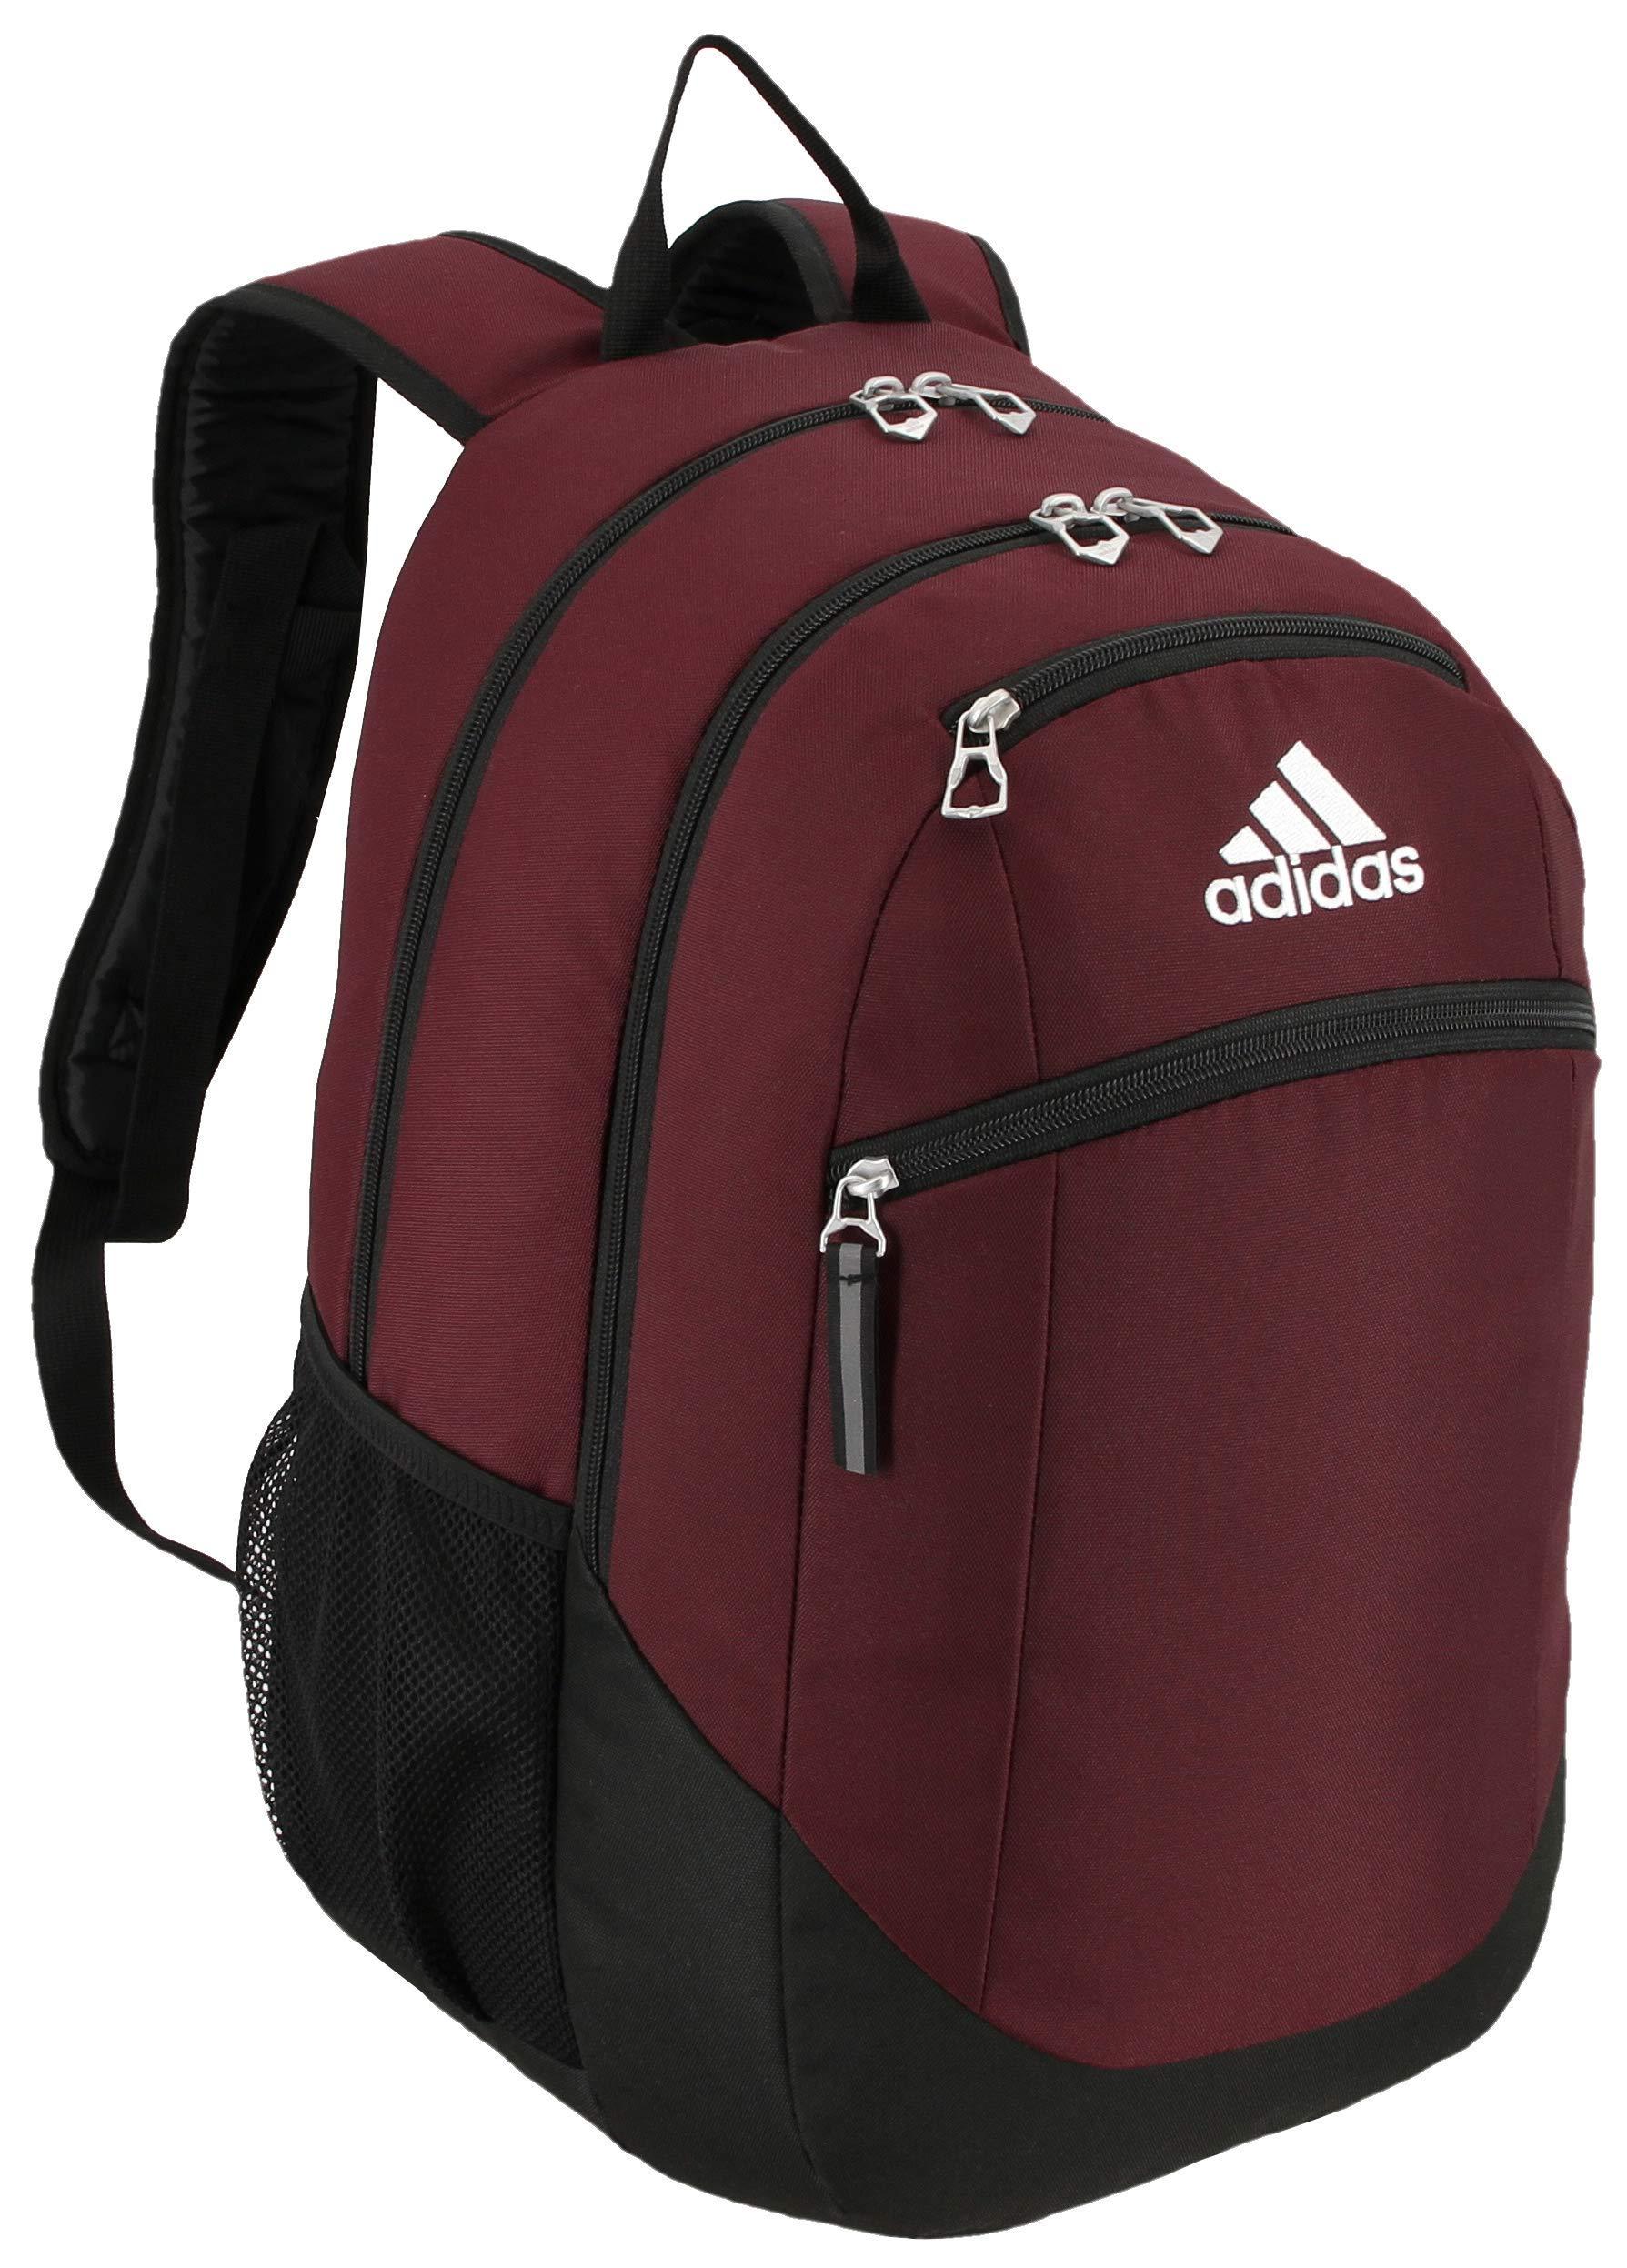 adidas Striker Backpack Maroon Black